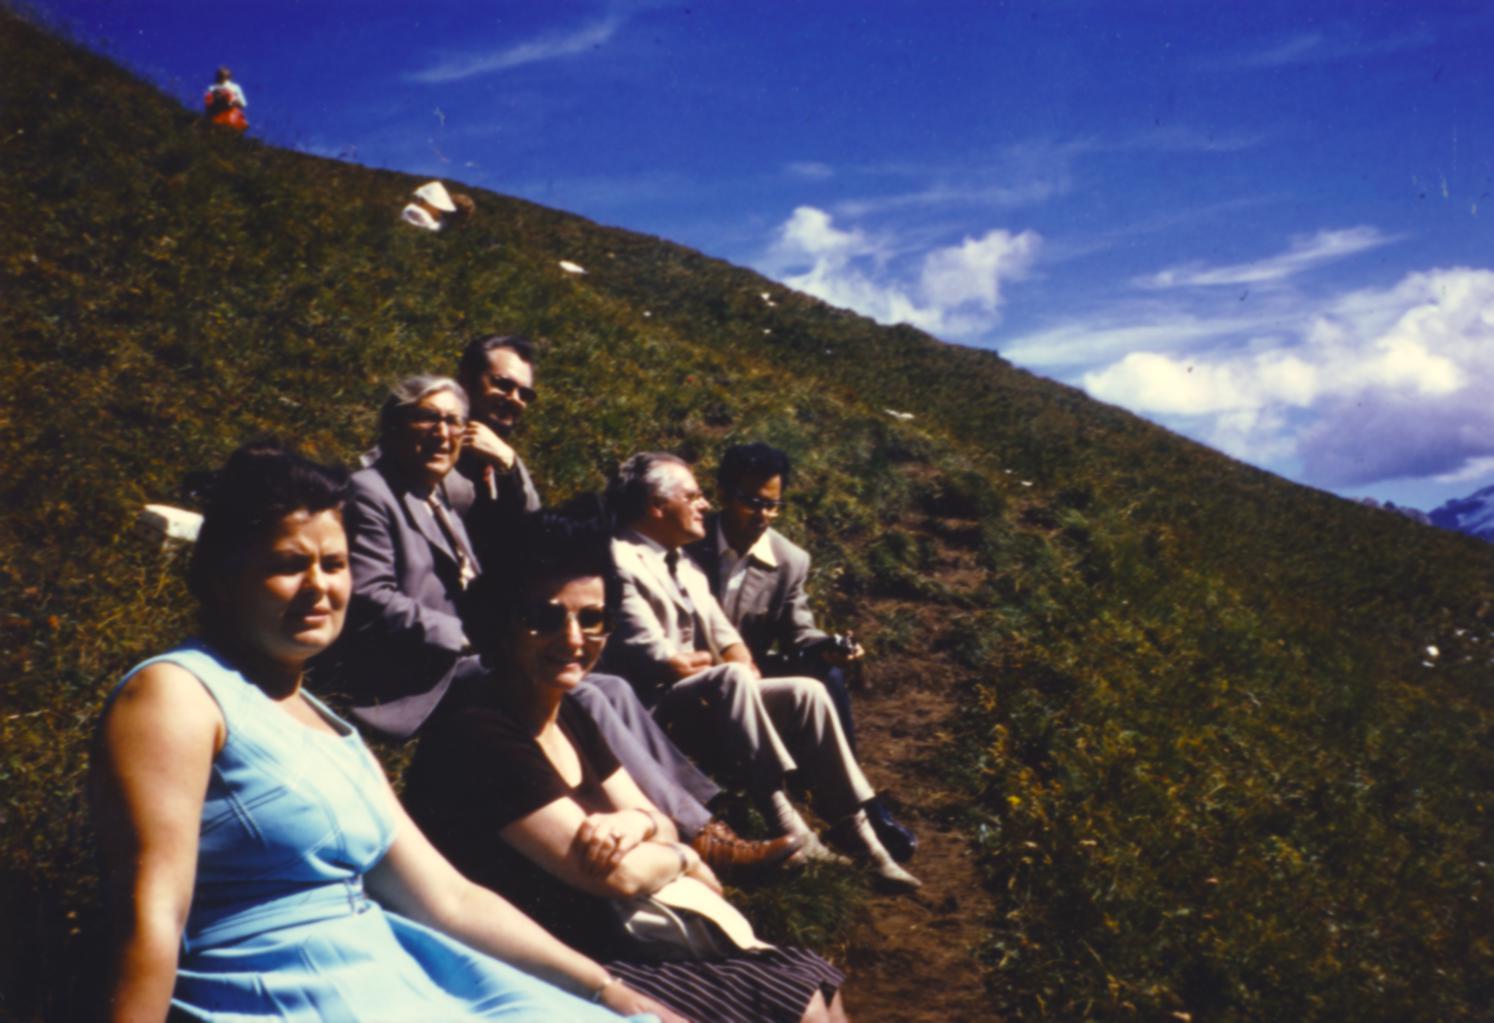 V. Internat. Imago Mundi-Kongress 1974, Cusanus Akademie, Brixen, von links nach rechts Ingrid Heim,  Prof. Ernst Benz, Illobrand v. Ludwiger, Gerda Heim, Burkhard Heim, Prof. Resch